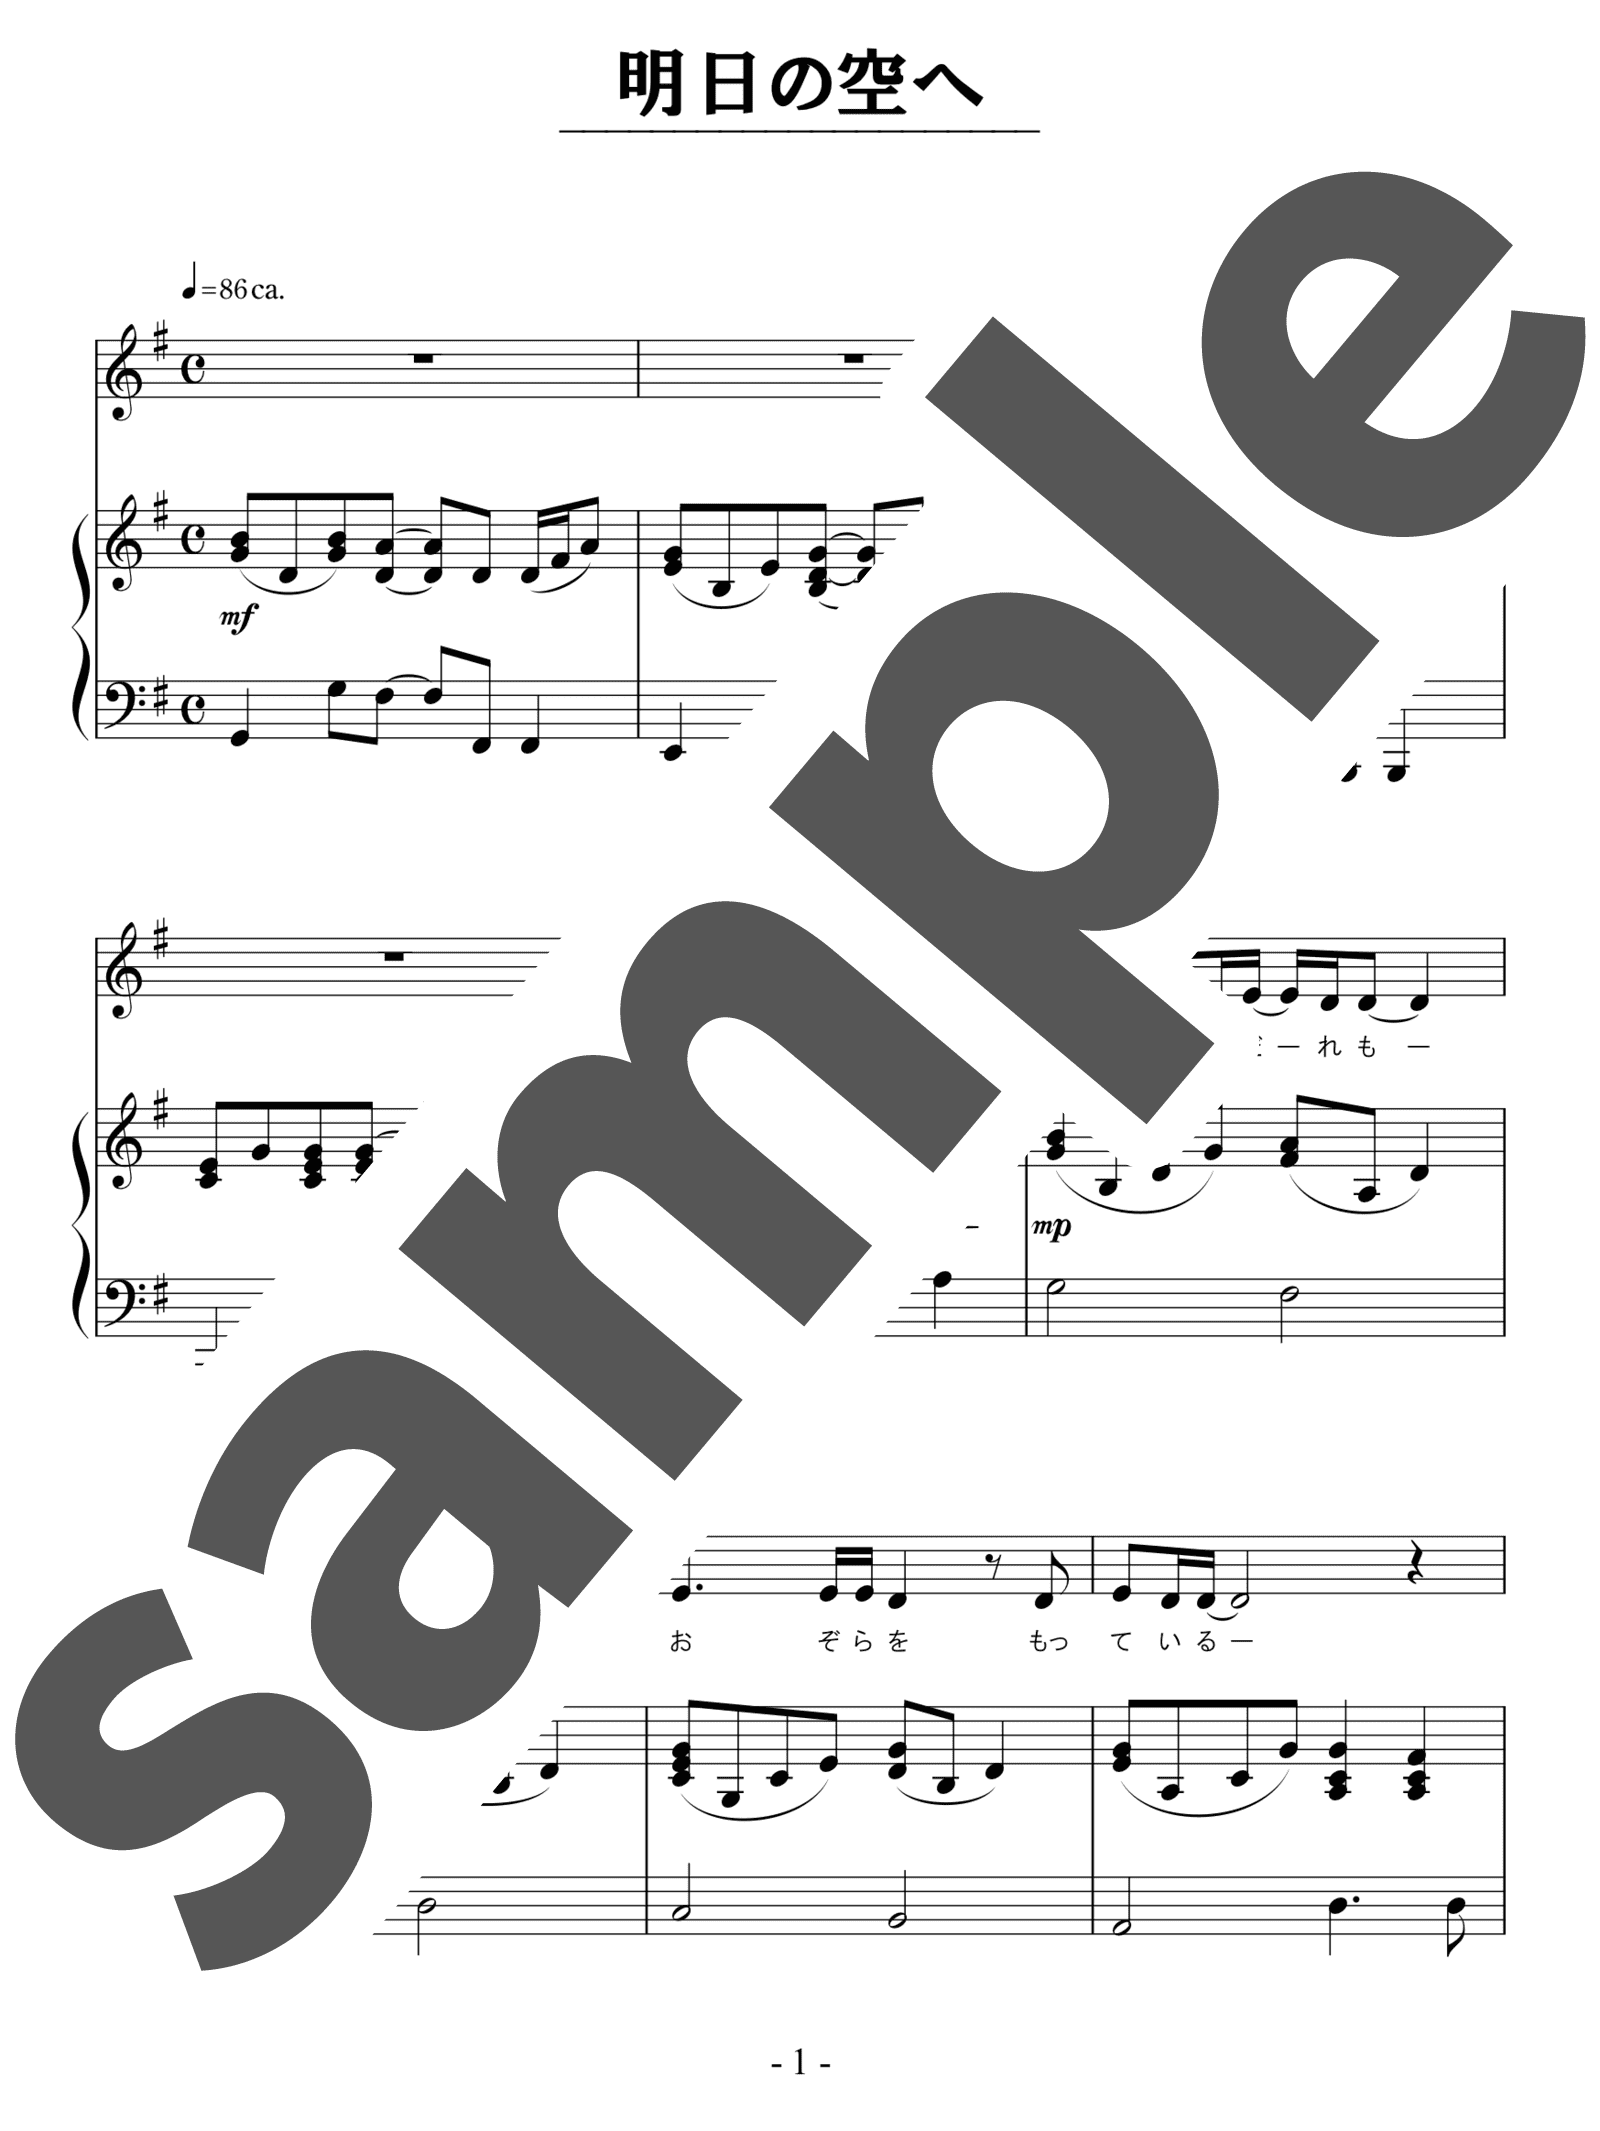 「明日の空へ」のサンプル楽譜